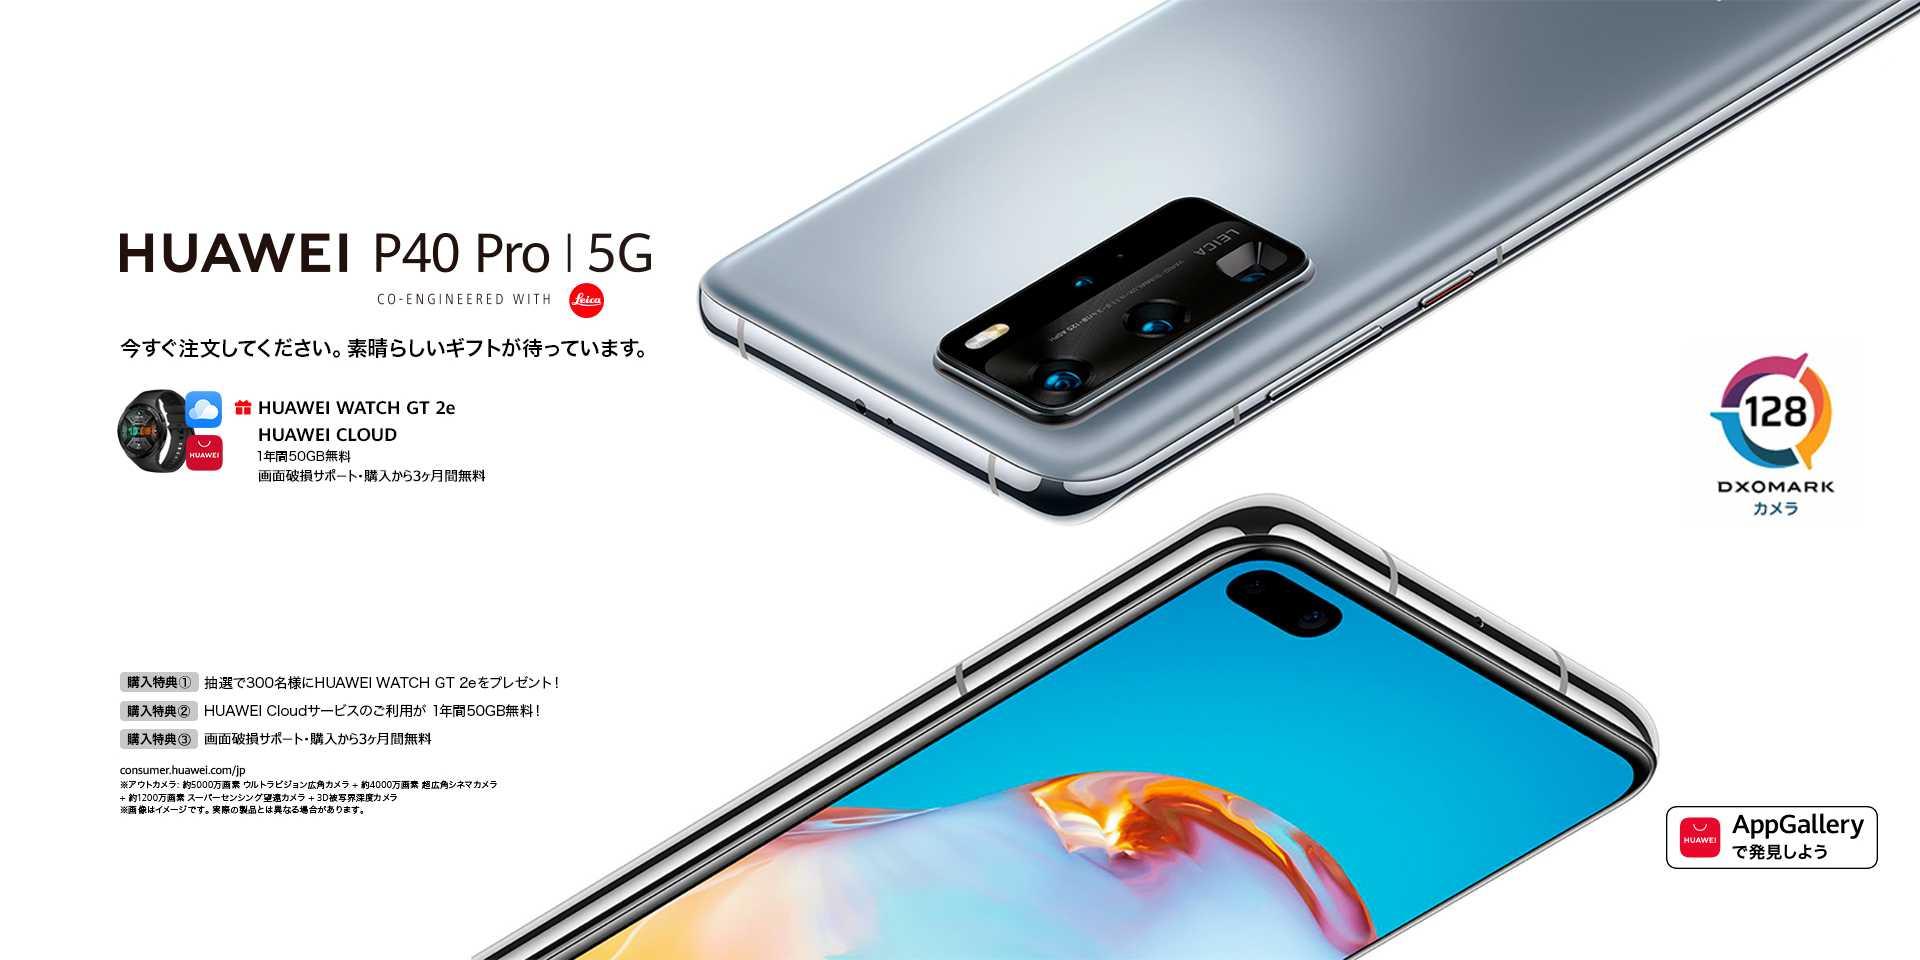 Компания Huawei как и обещала провела выставку новых китайскихсмартфонов P40 P40 Pro и P40 Pro с керамическим корпусом в режиме онлайн На такие меры известный